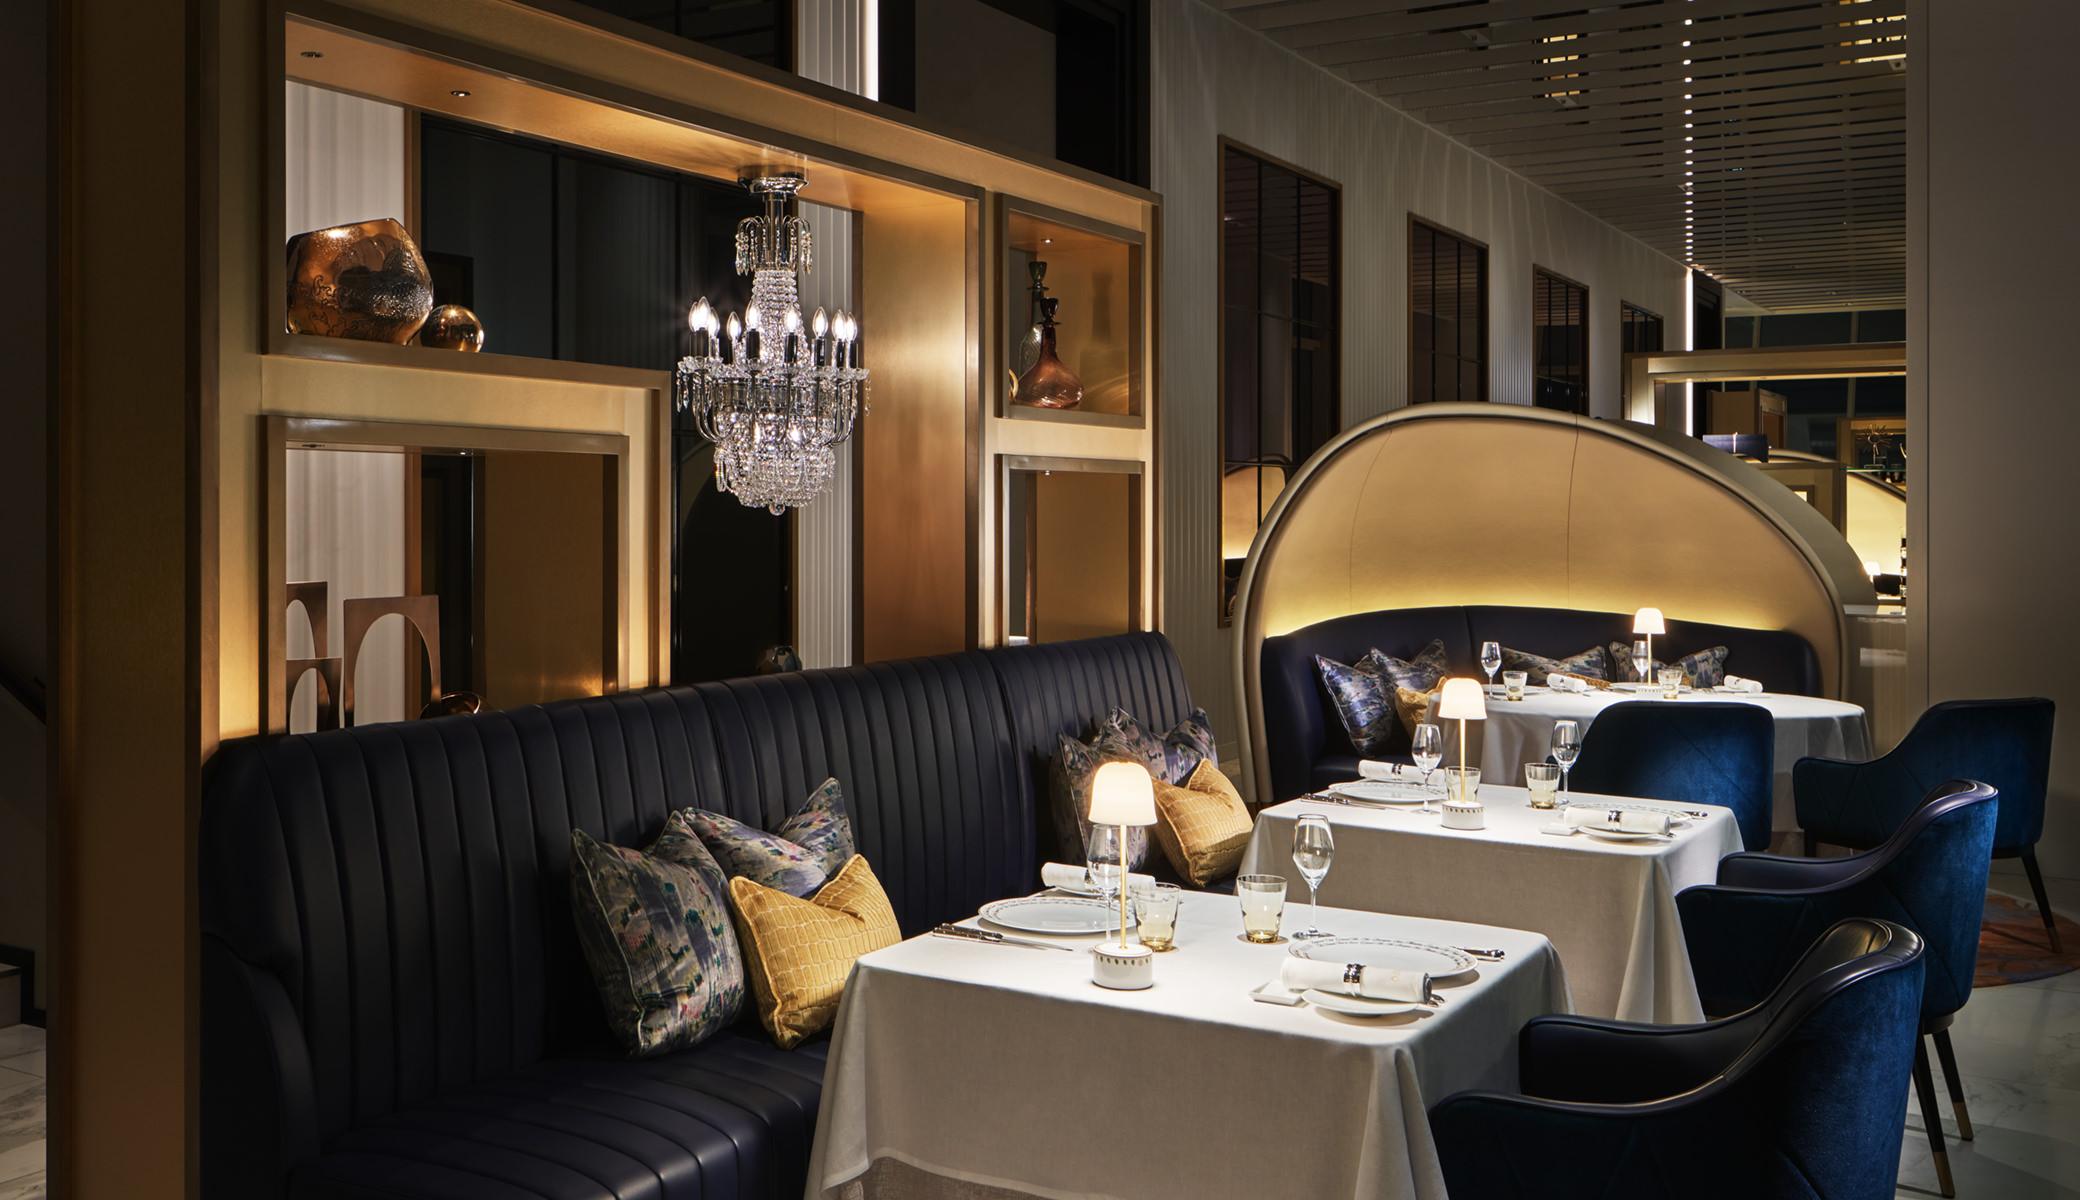 カハラ ホテル 横浜 レストラン ザ・カハラ・ホテル&リゾート 横浜【公式】|THE